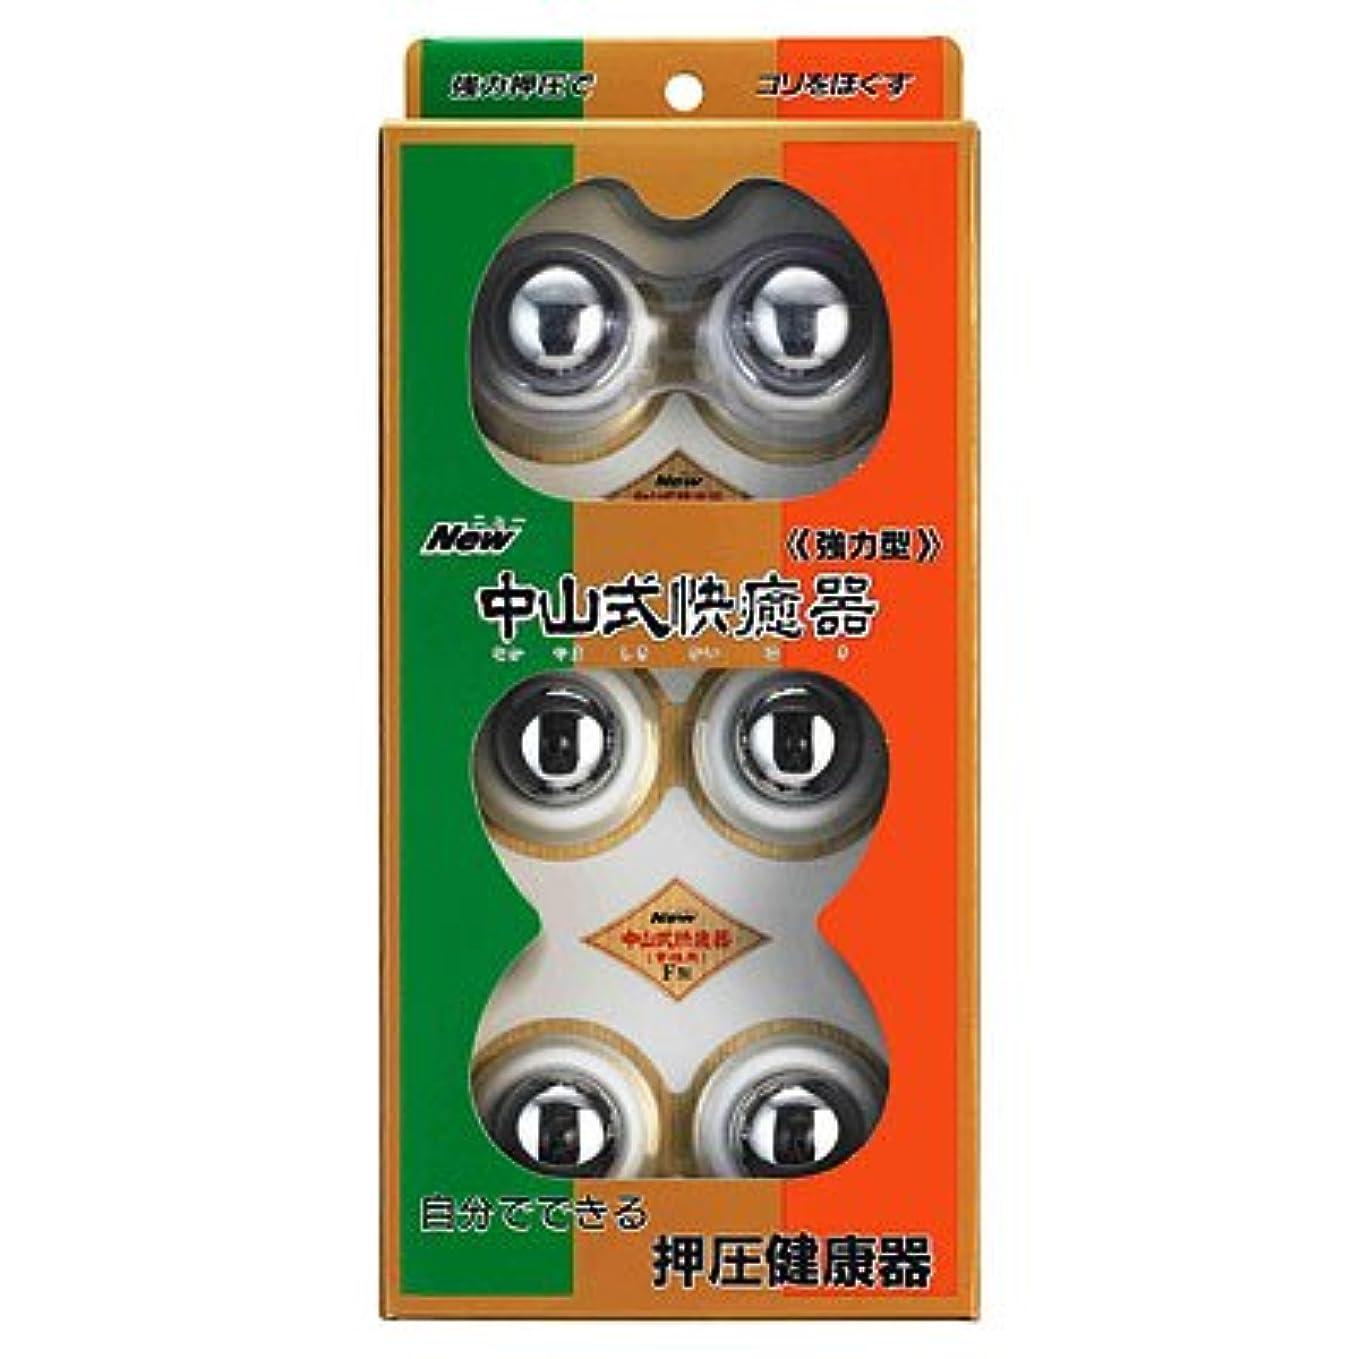 感情の繊毛シャープ中山式 快癒器 FKセット(2球式+4球式)強力型